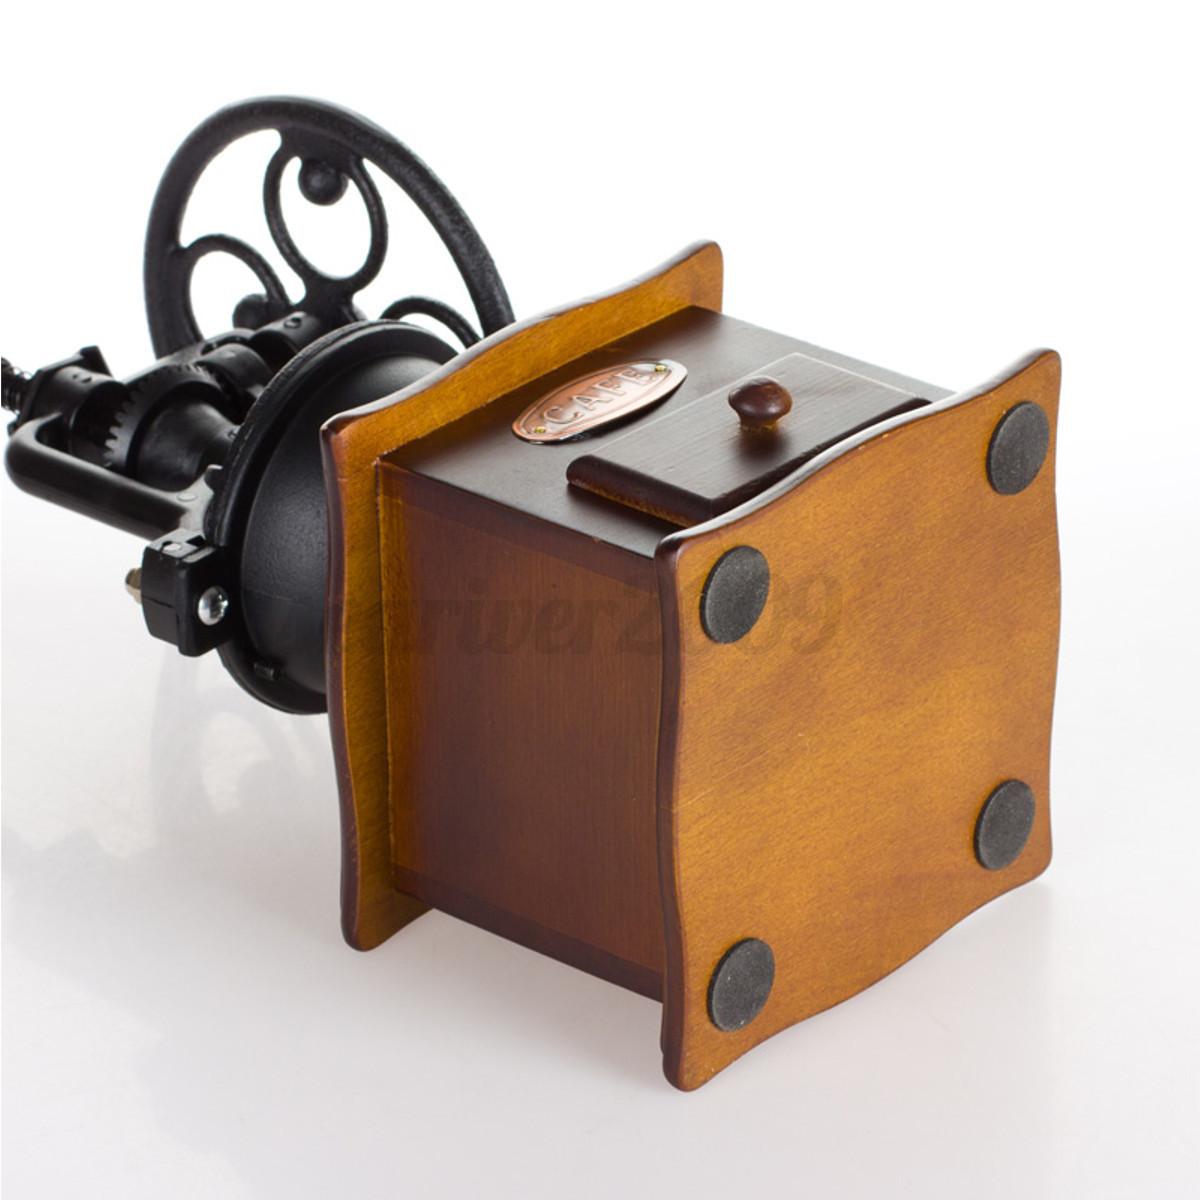 Vintage moulin broyeur caf expresso cafeti re machine manuel en bois fer eur 26 99 - Broyeuse a bois ...